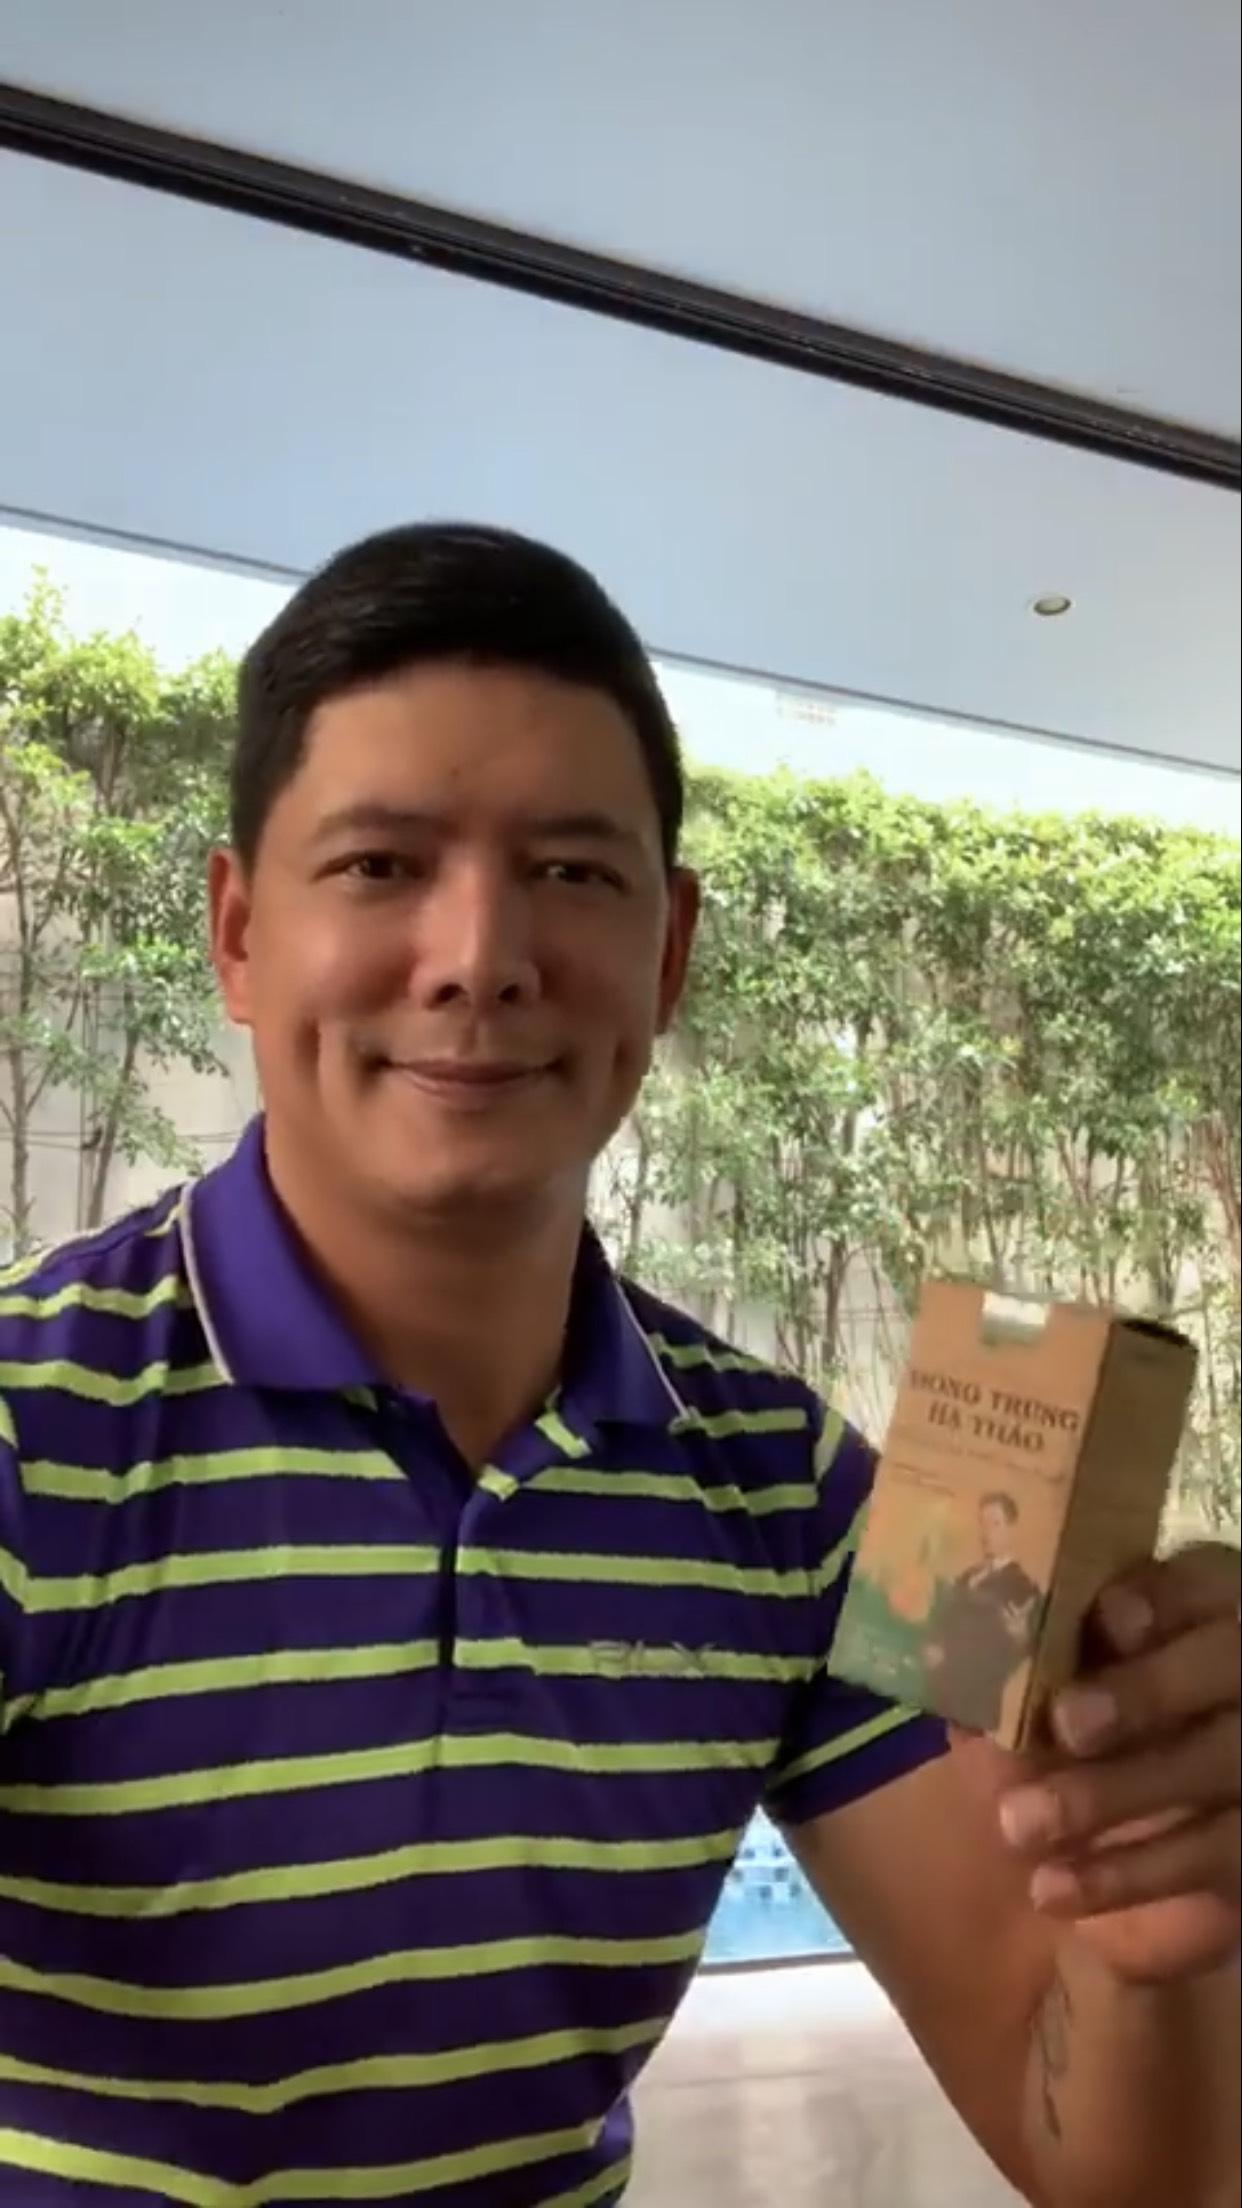 Trải Nghiệm Đông Trùng Hạ Thảo Kết Hợp Bổ Sung Rau Xanh cùng Diễn viên MC Bình Minh